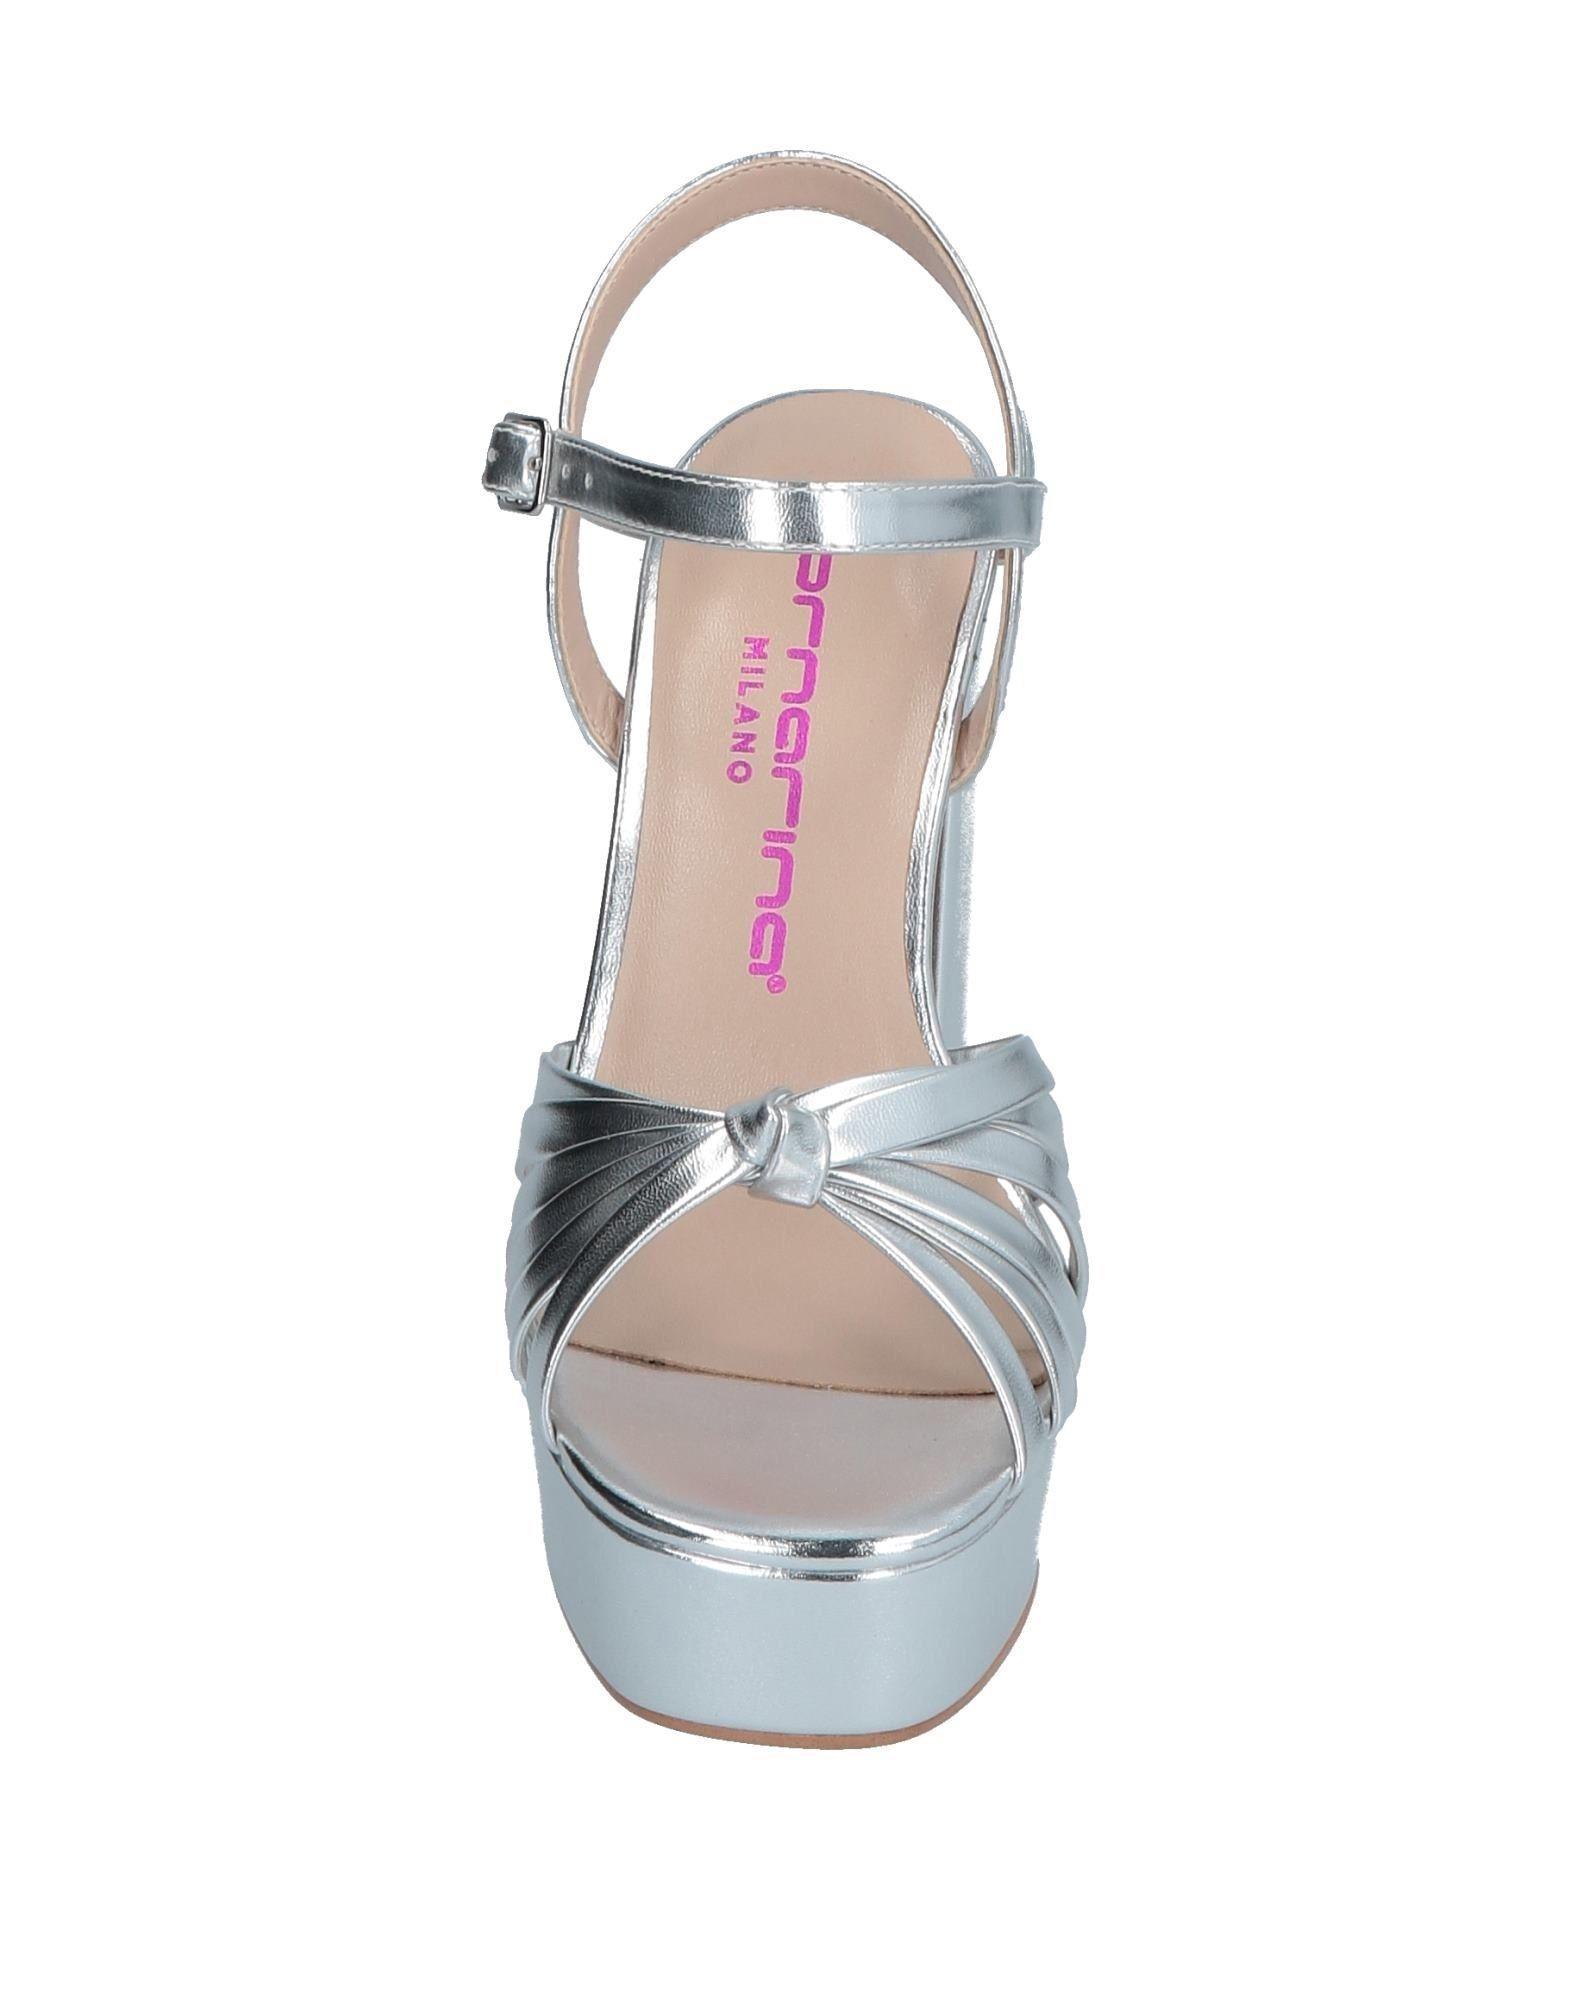 fornarina sandales - femmes fornarina 11564603ls sandales en ligne ligne ligne le royaume - uni - b7a0f3